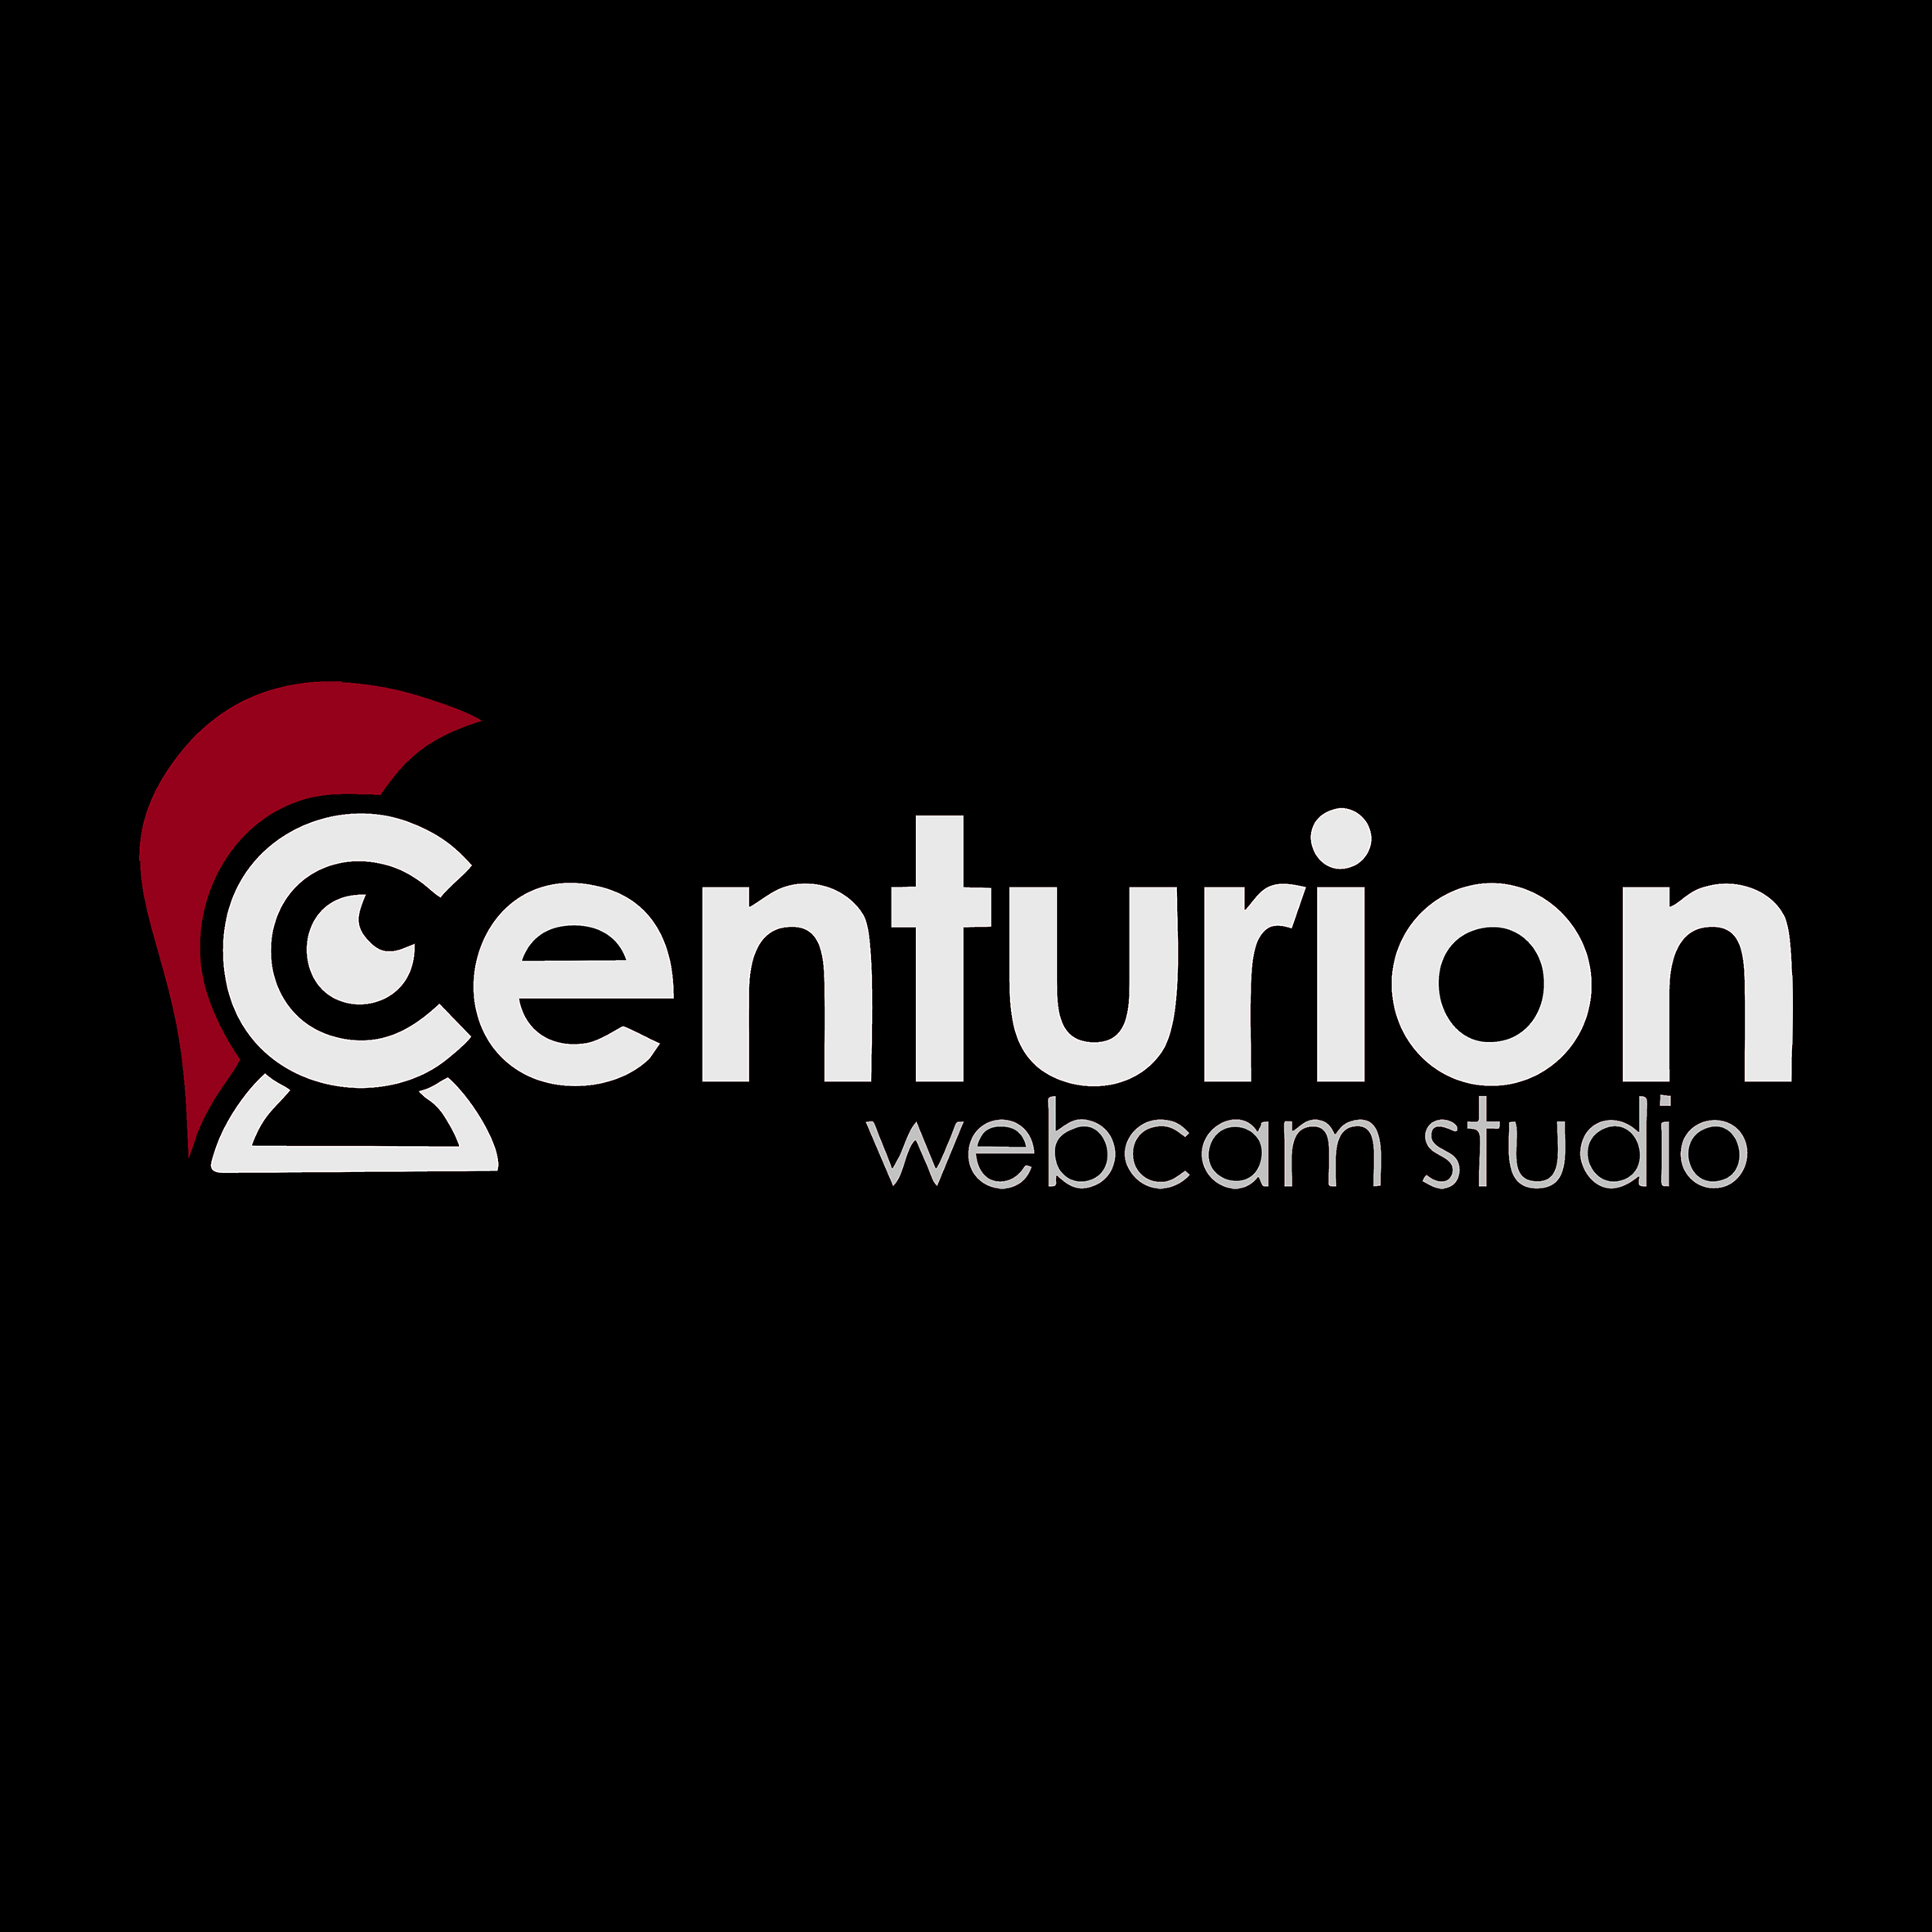 вебкам студия CENTURION